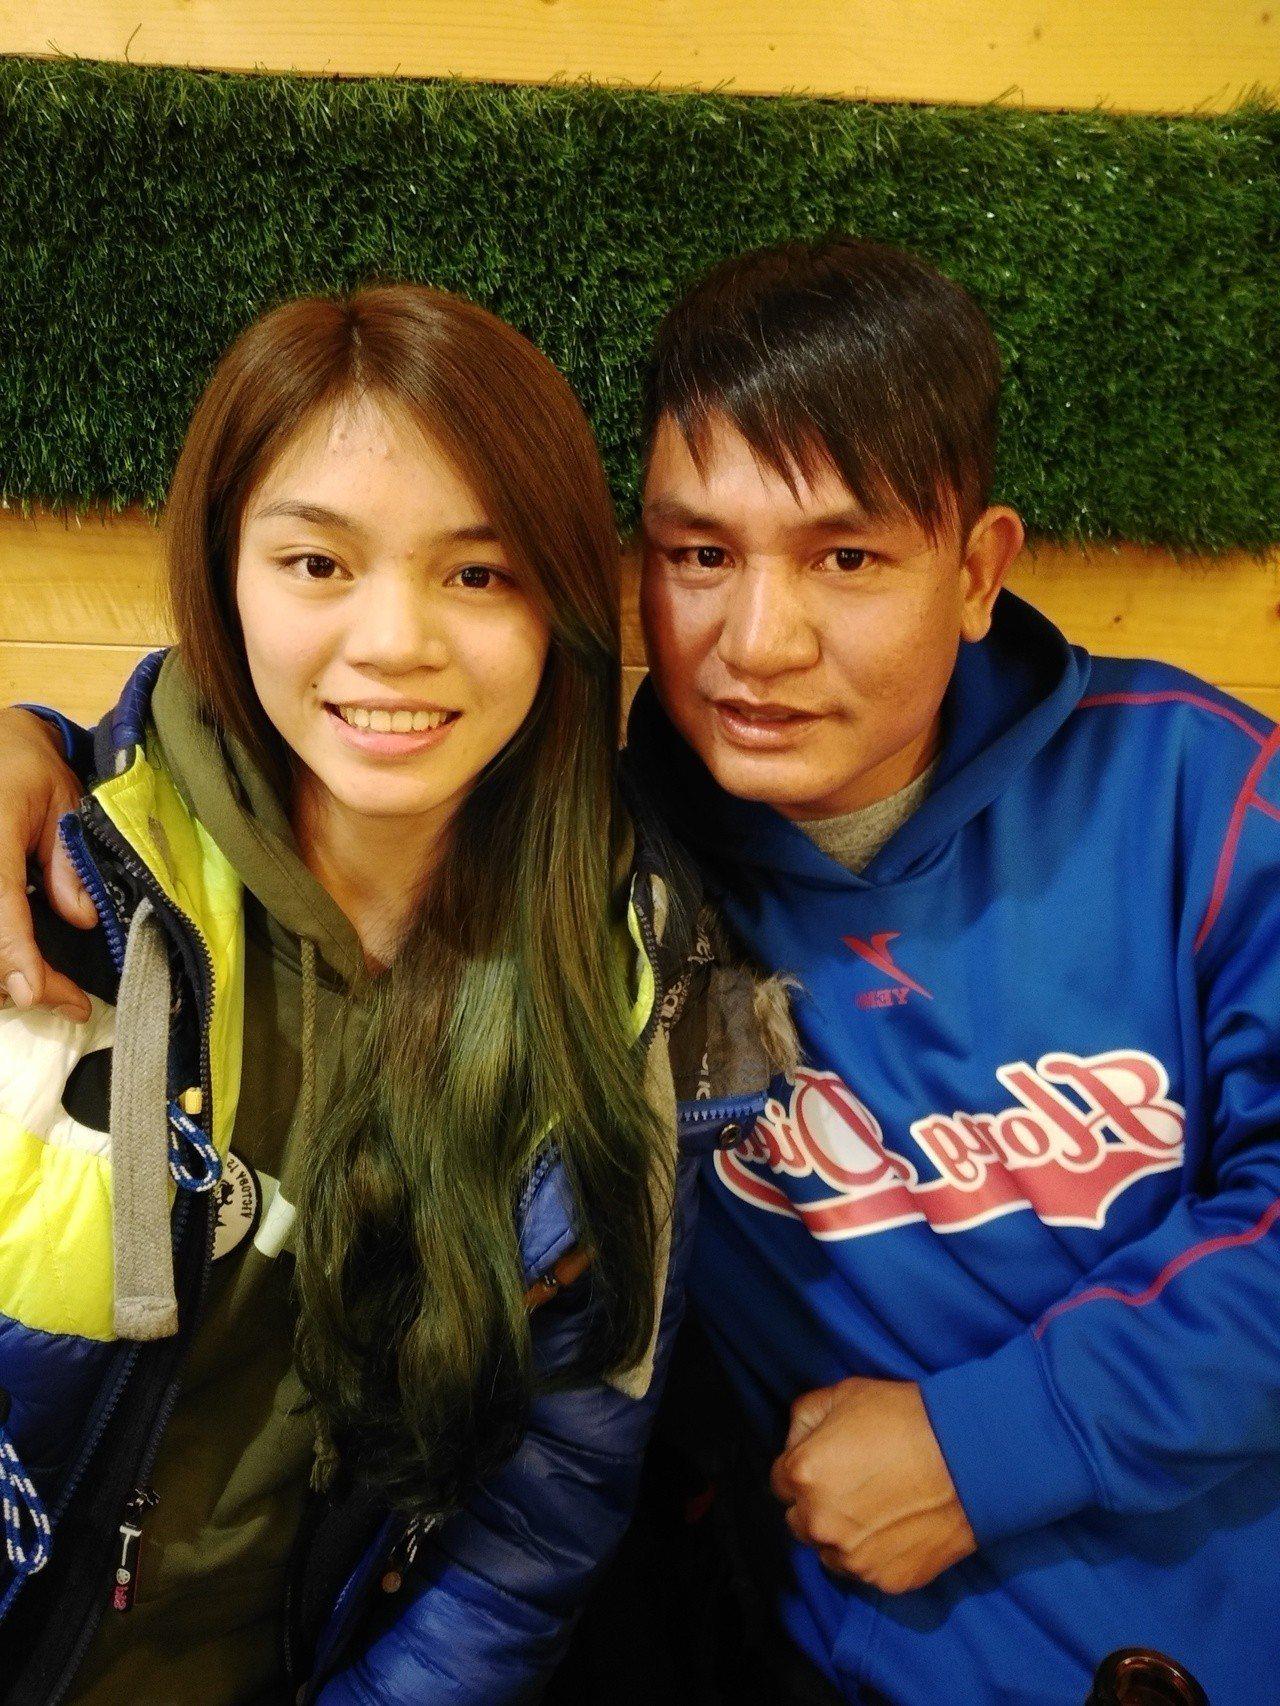 蘇俊維(右)表示當初因為想讓女兒蘇柏亞(左)多運動、健康才答應她學跆拳。圖/蘇俊...